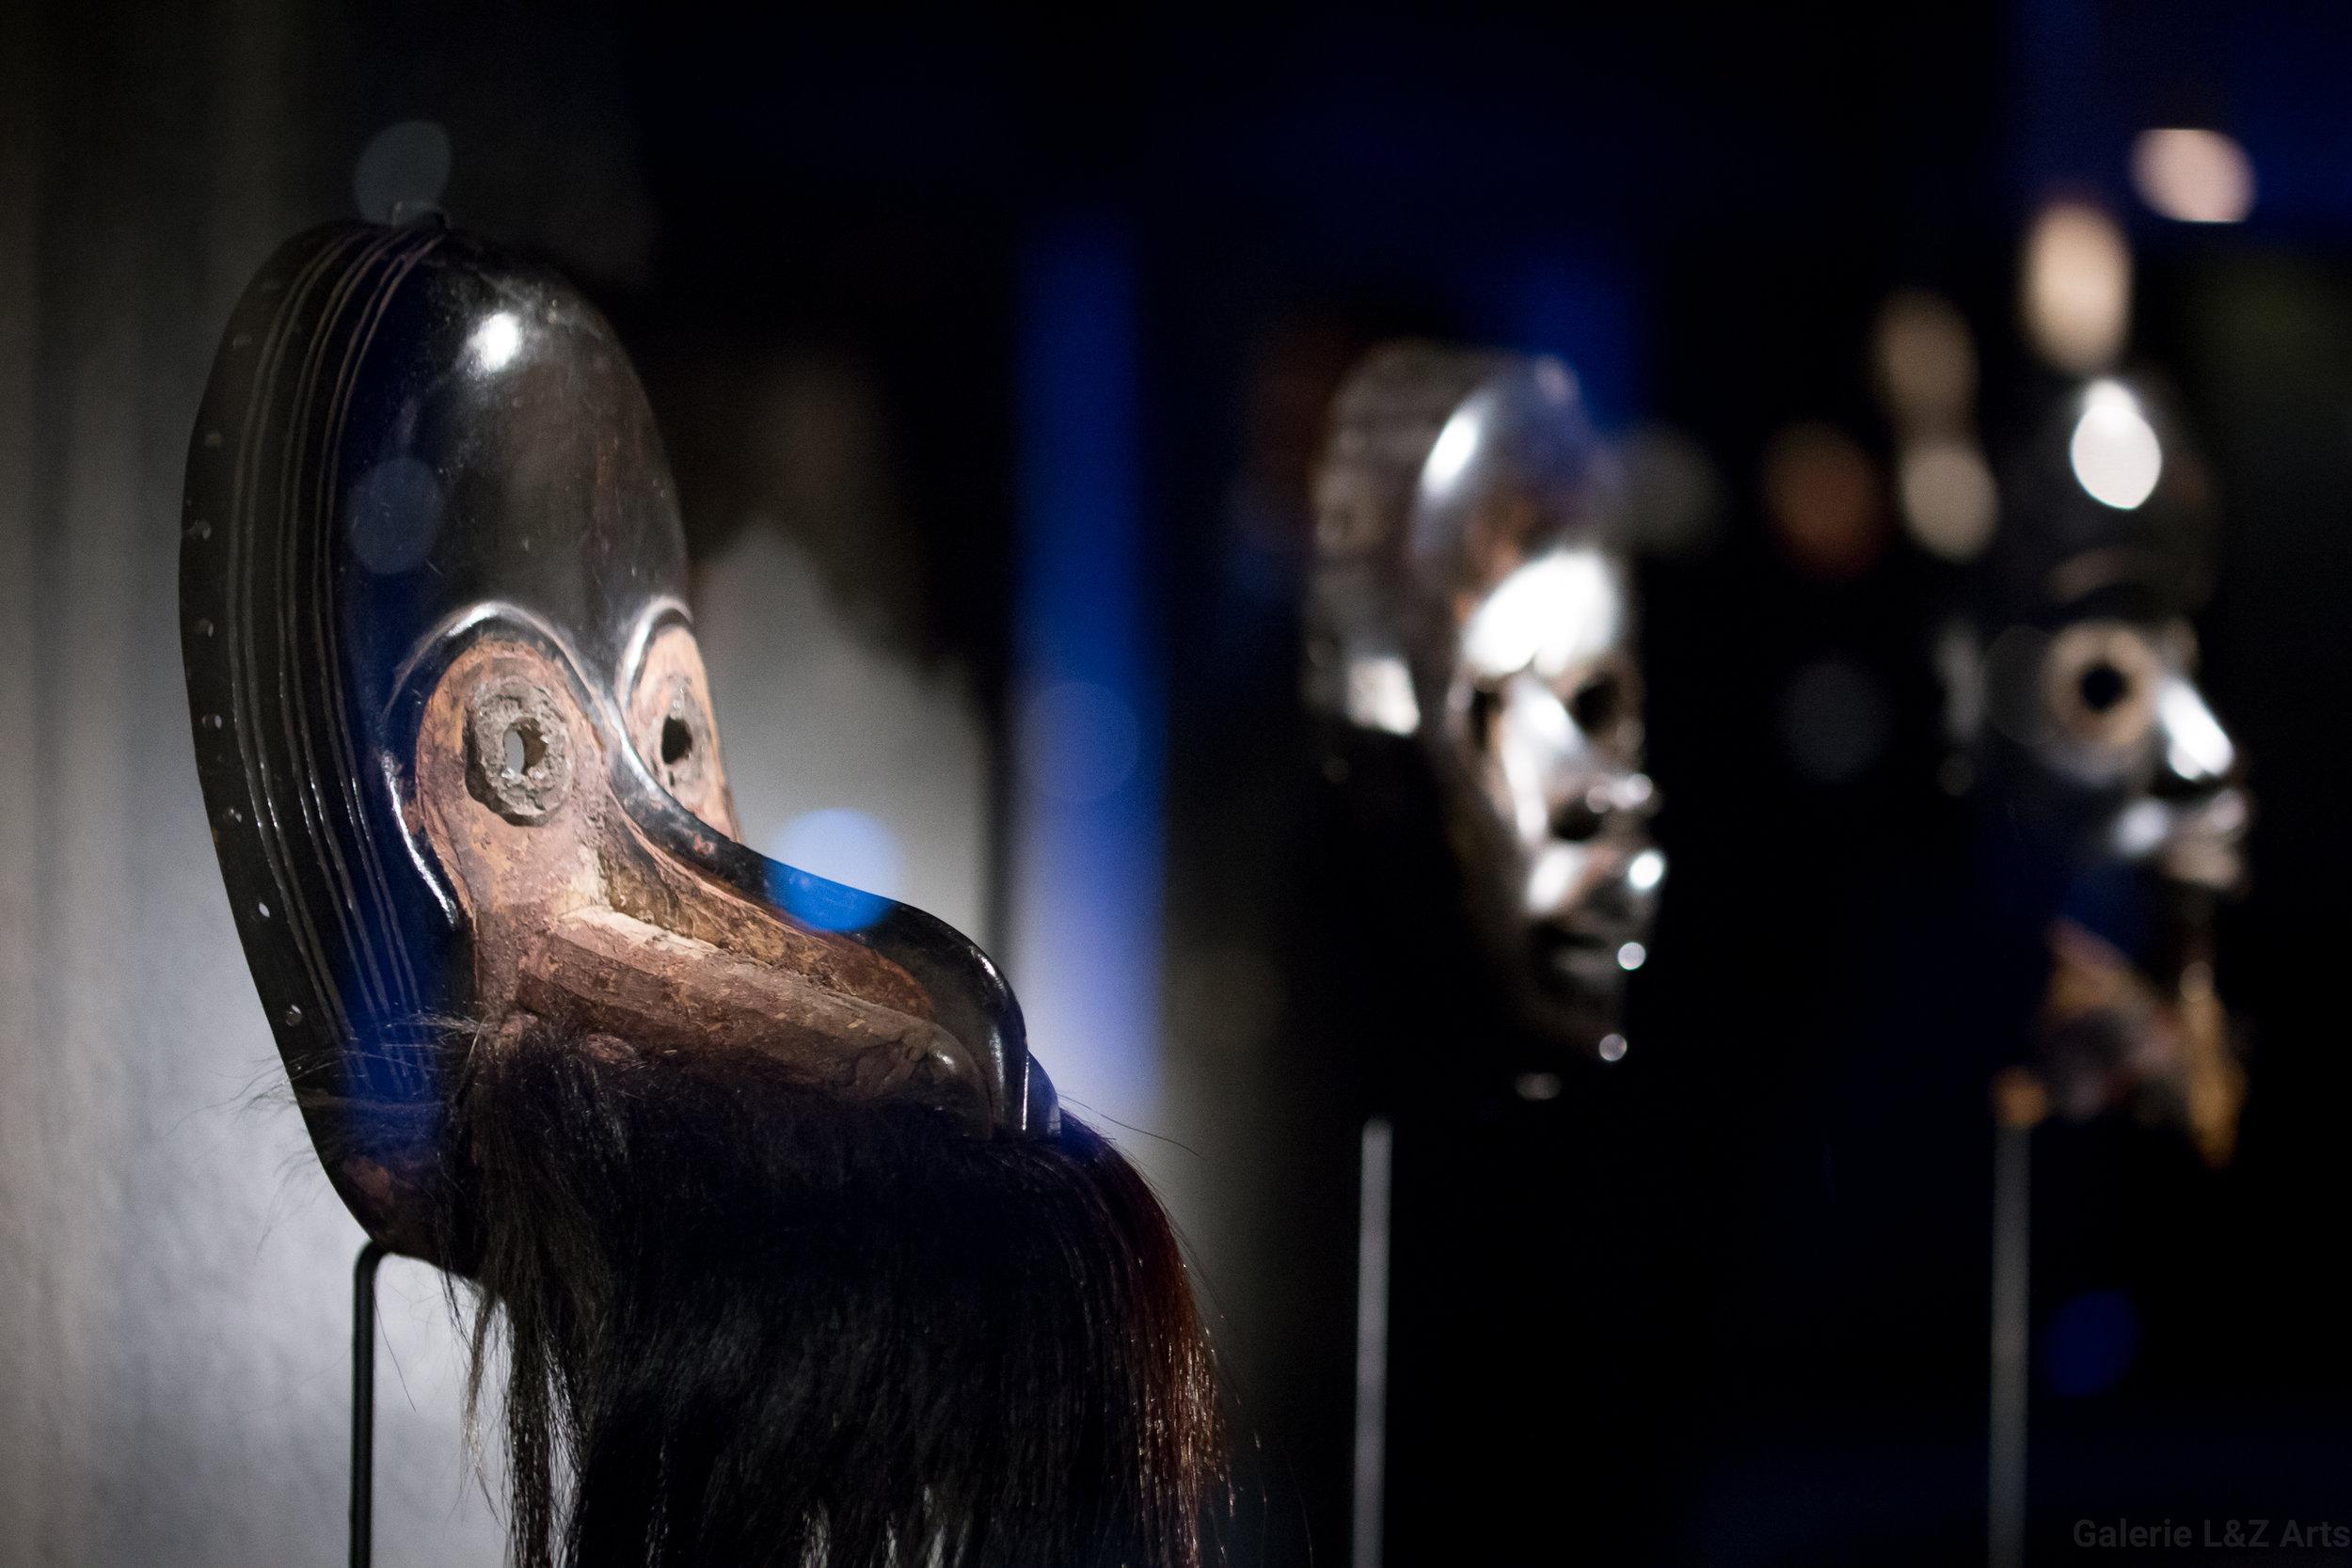 exposition-masque-art-tribal-africain-musee-quai-branly-belgique-galerie-lz-arts-liege-cite-miroir-oceanie-asie-japon-amerique-art-premier-nepal-1.jpg